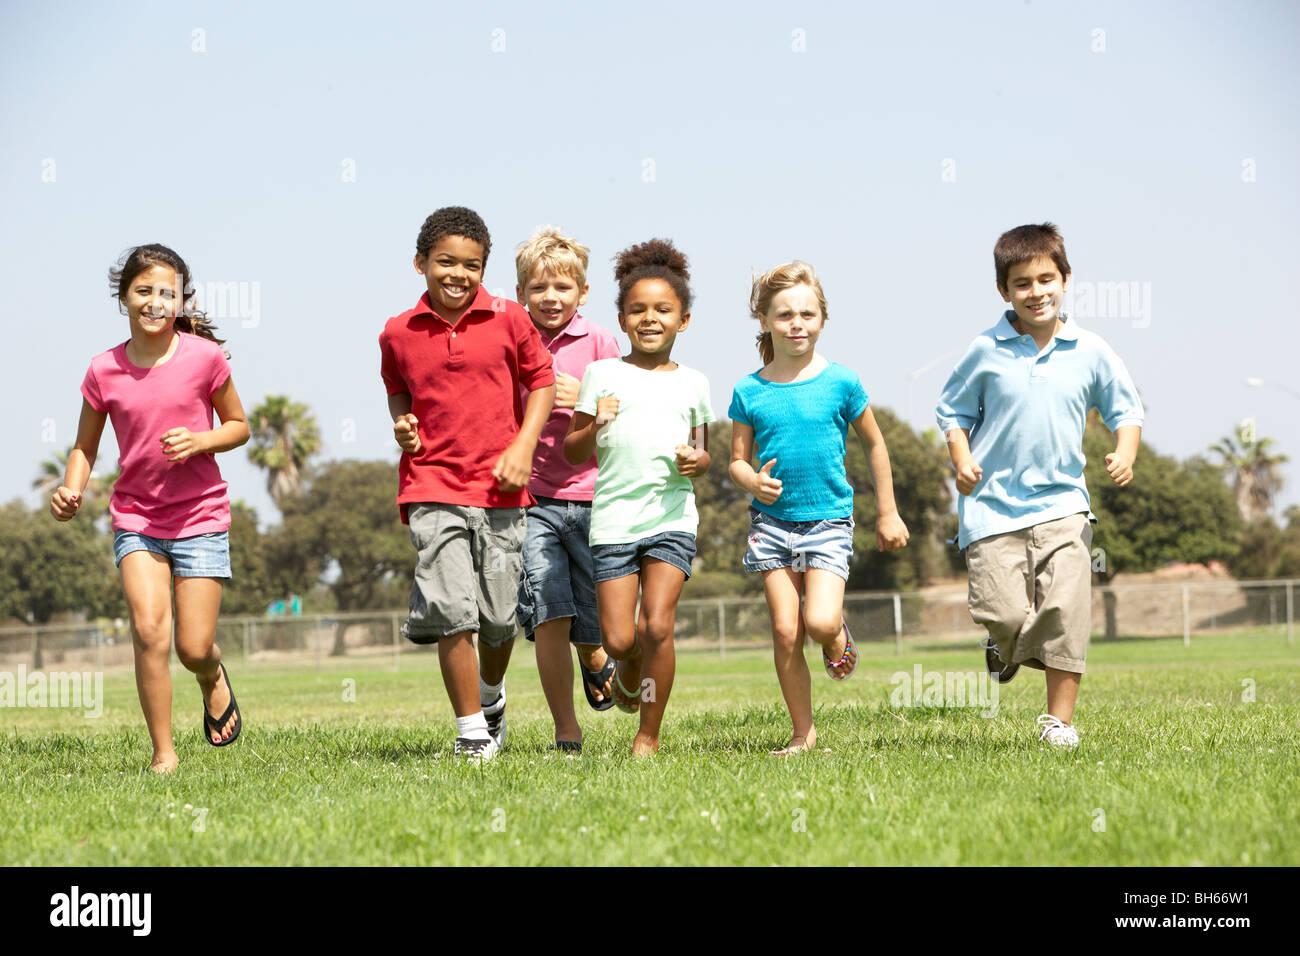 Un grupo de niños corriendo en el parque Foto de stock